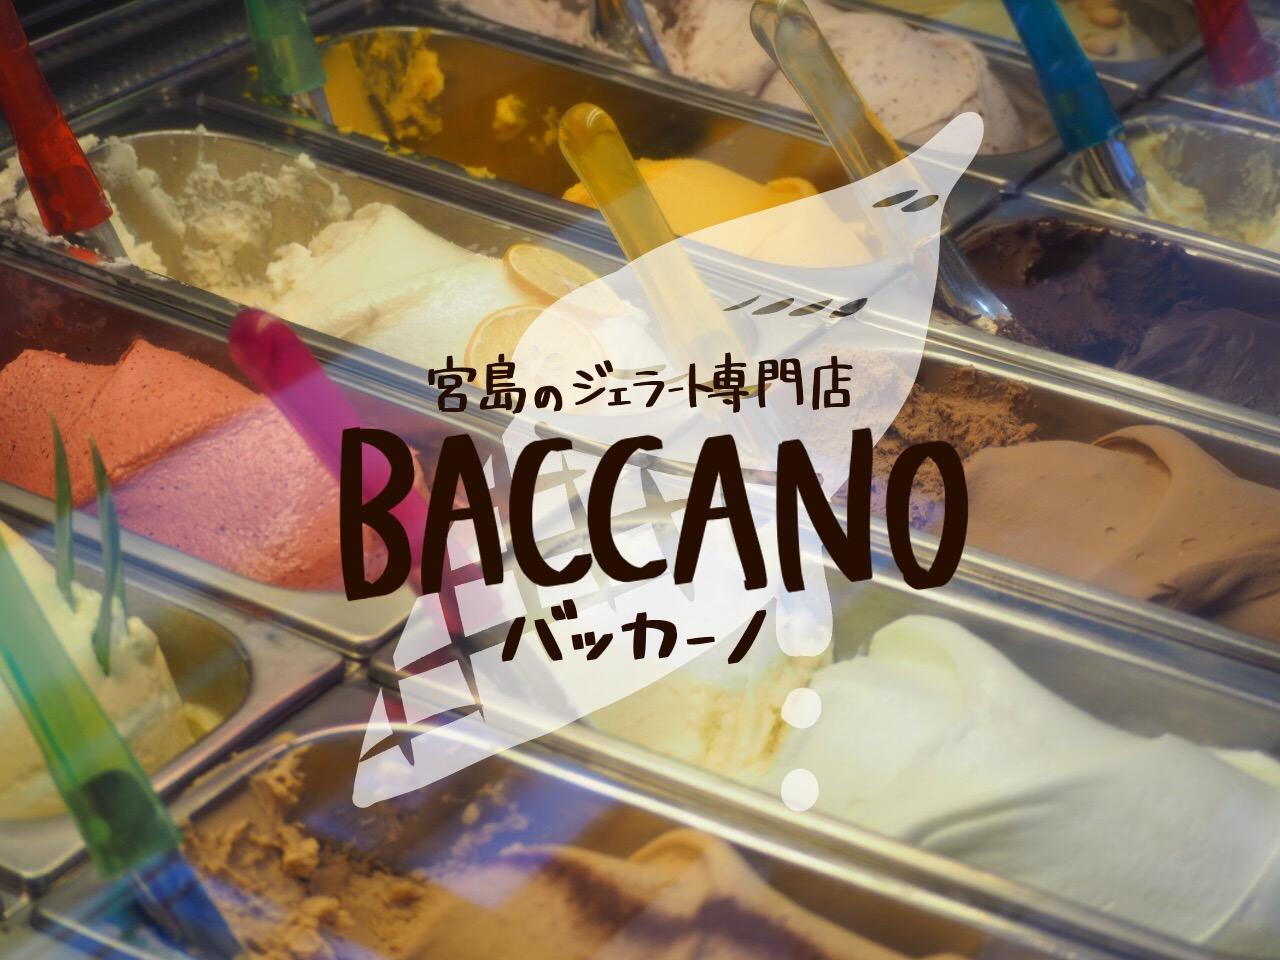 gelateria BACCANO